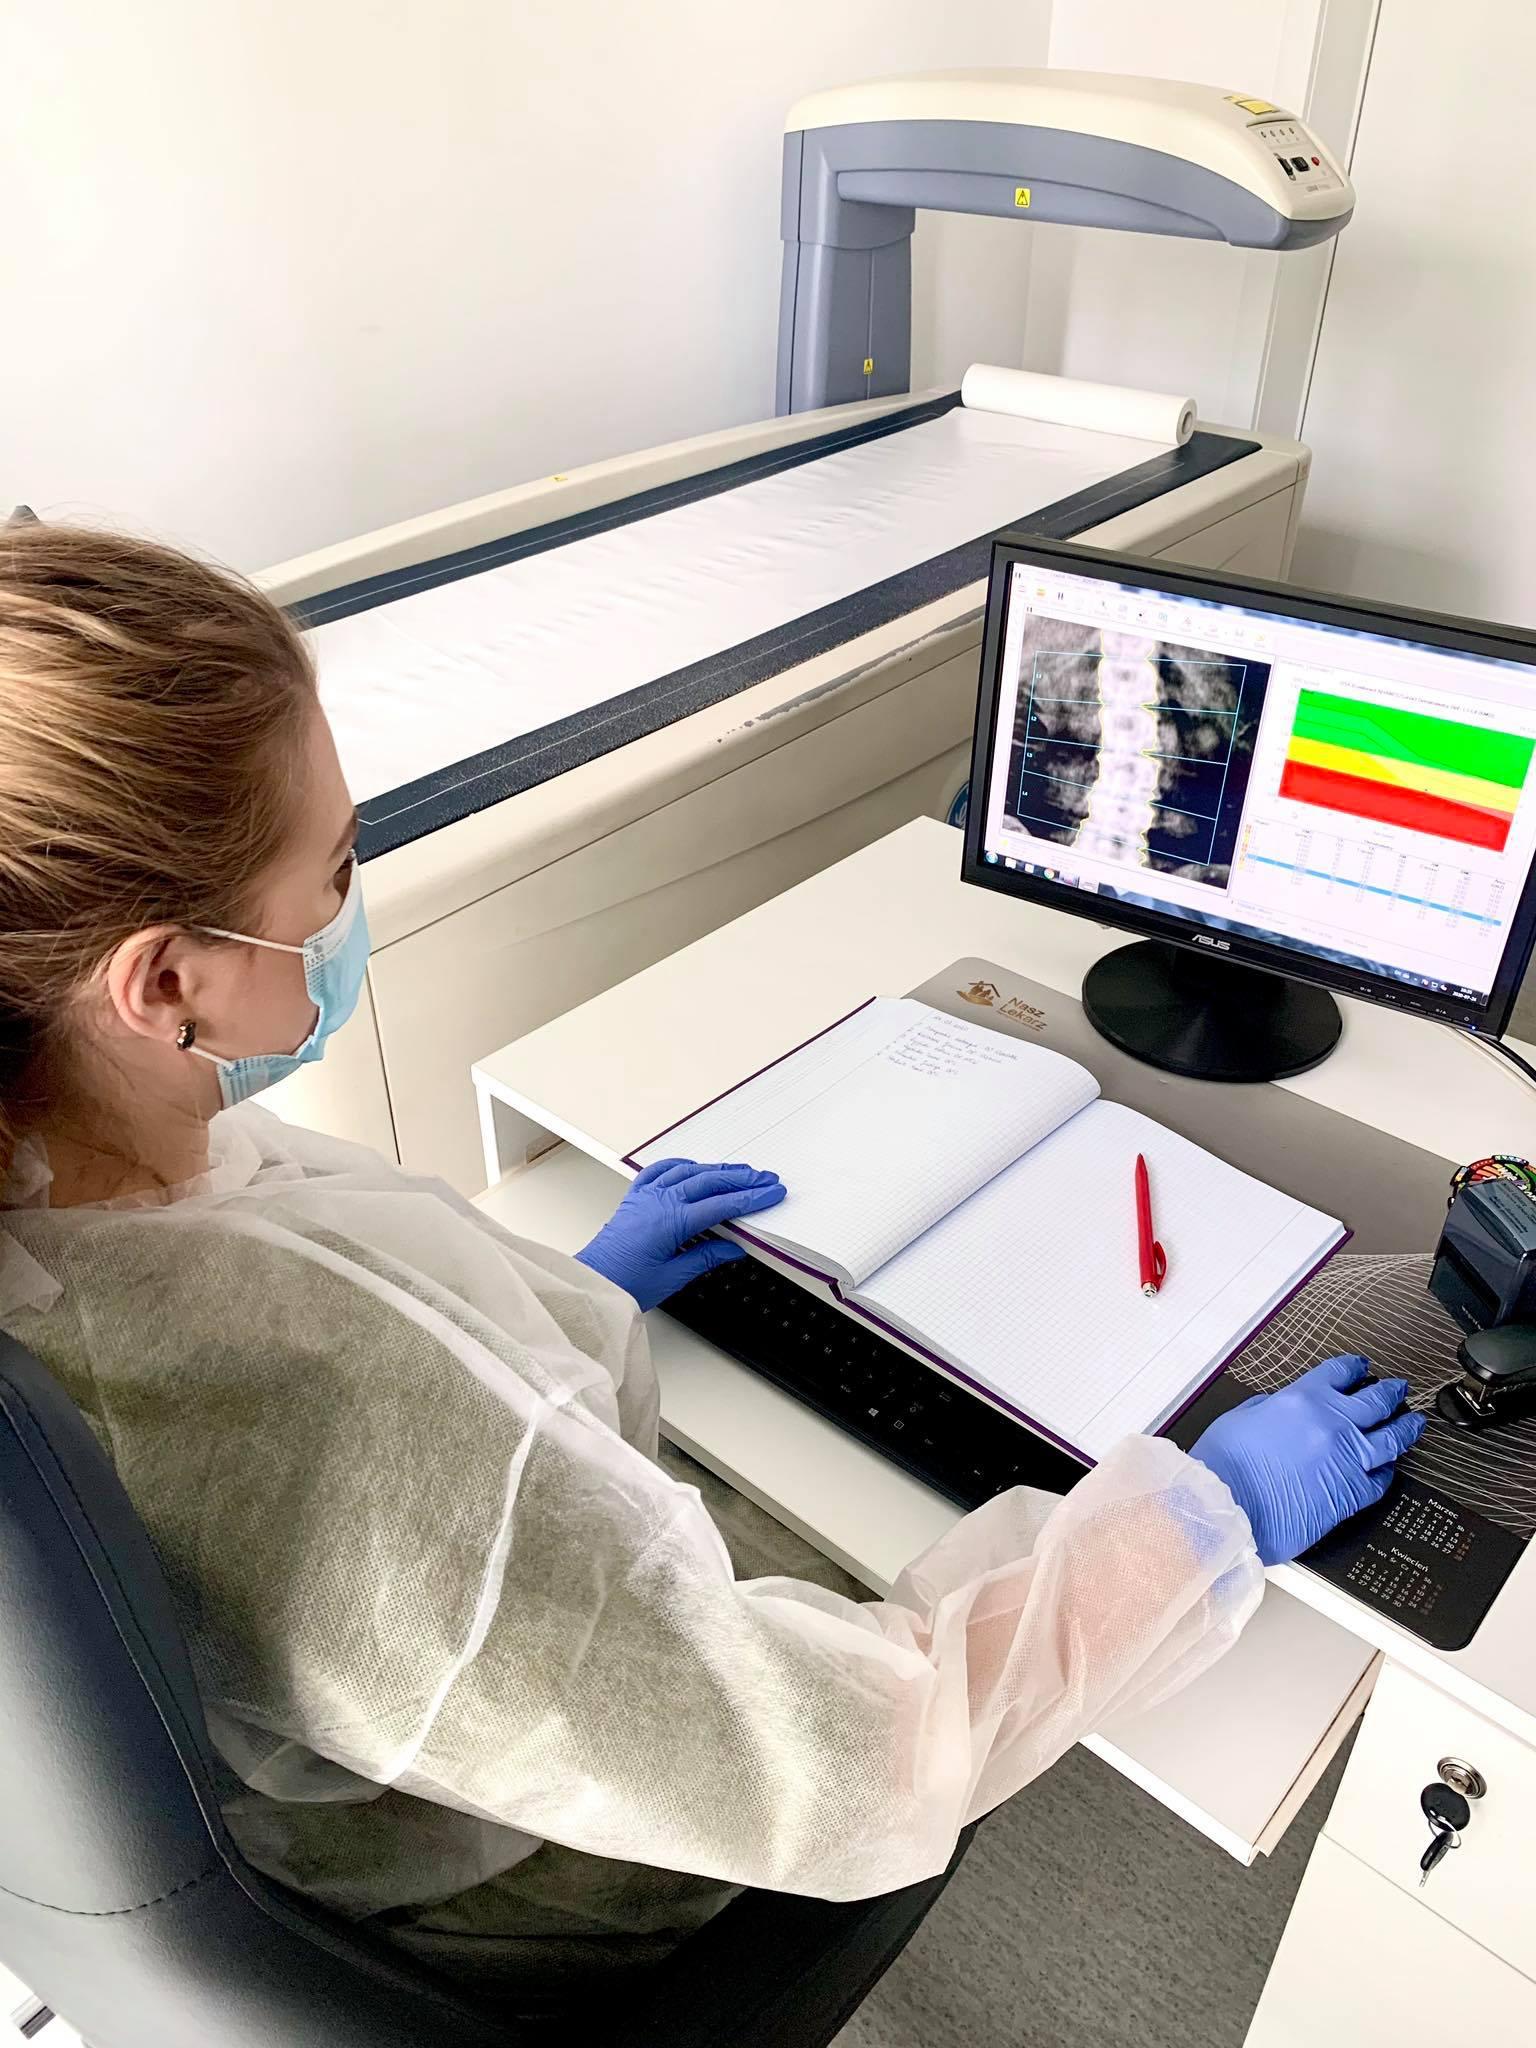 Badanie densytometryczne, czyli badanie gęstości kości - na czym polega?